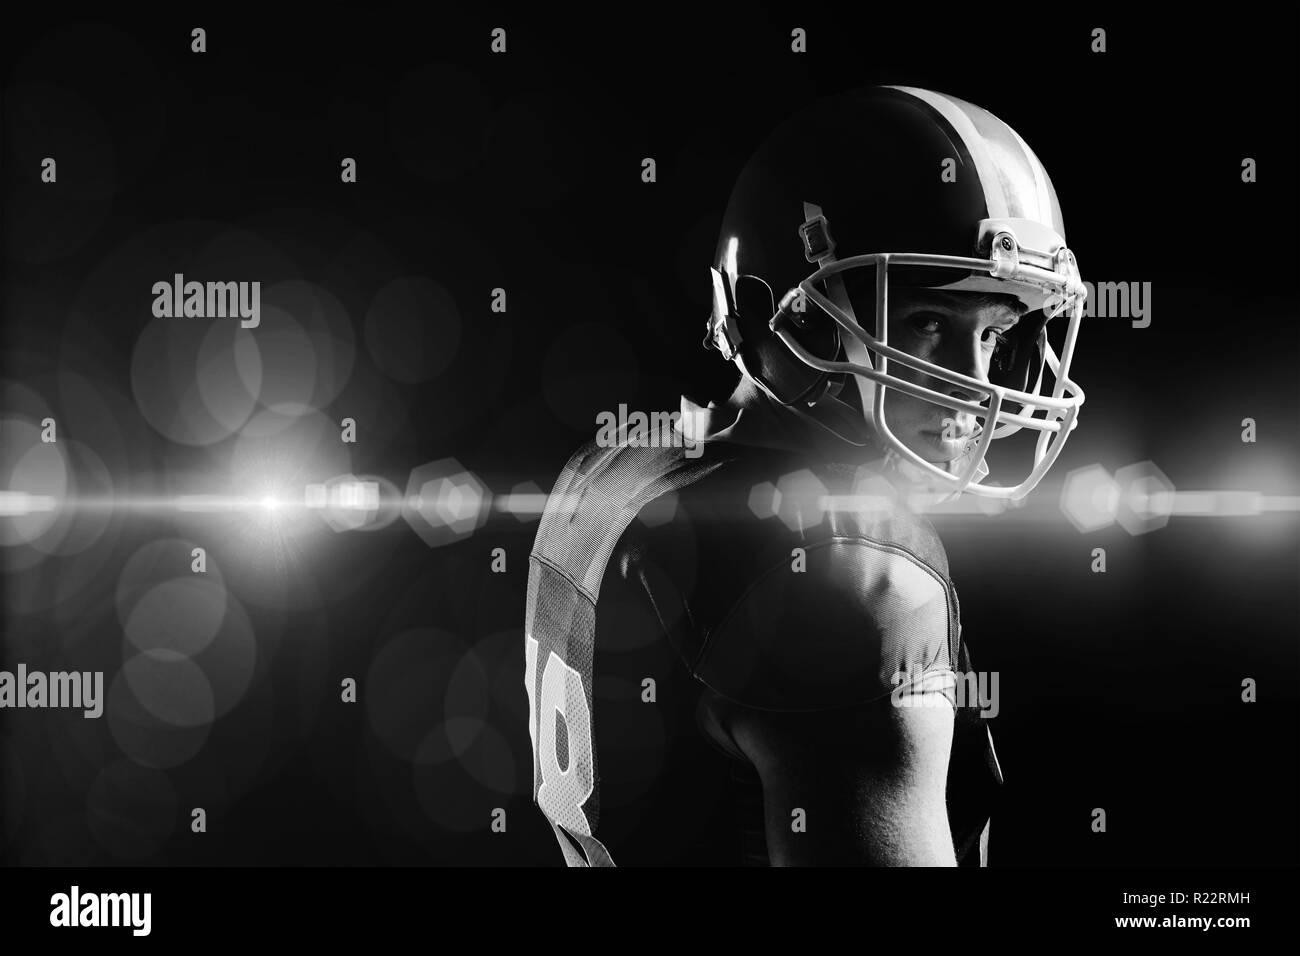 Giocatore di football americano nel casco in piedi su sfondo nero Immagini Stock